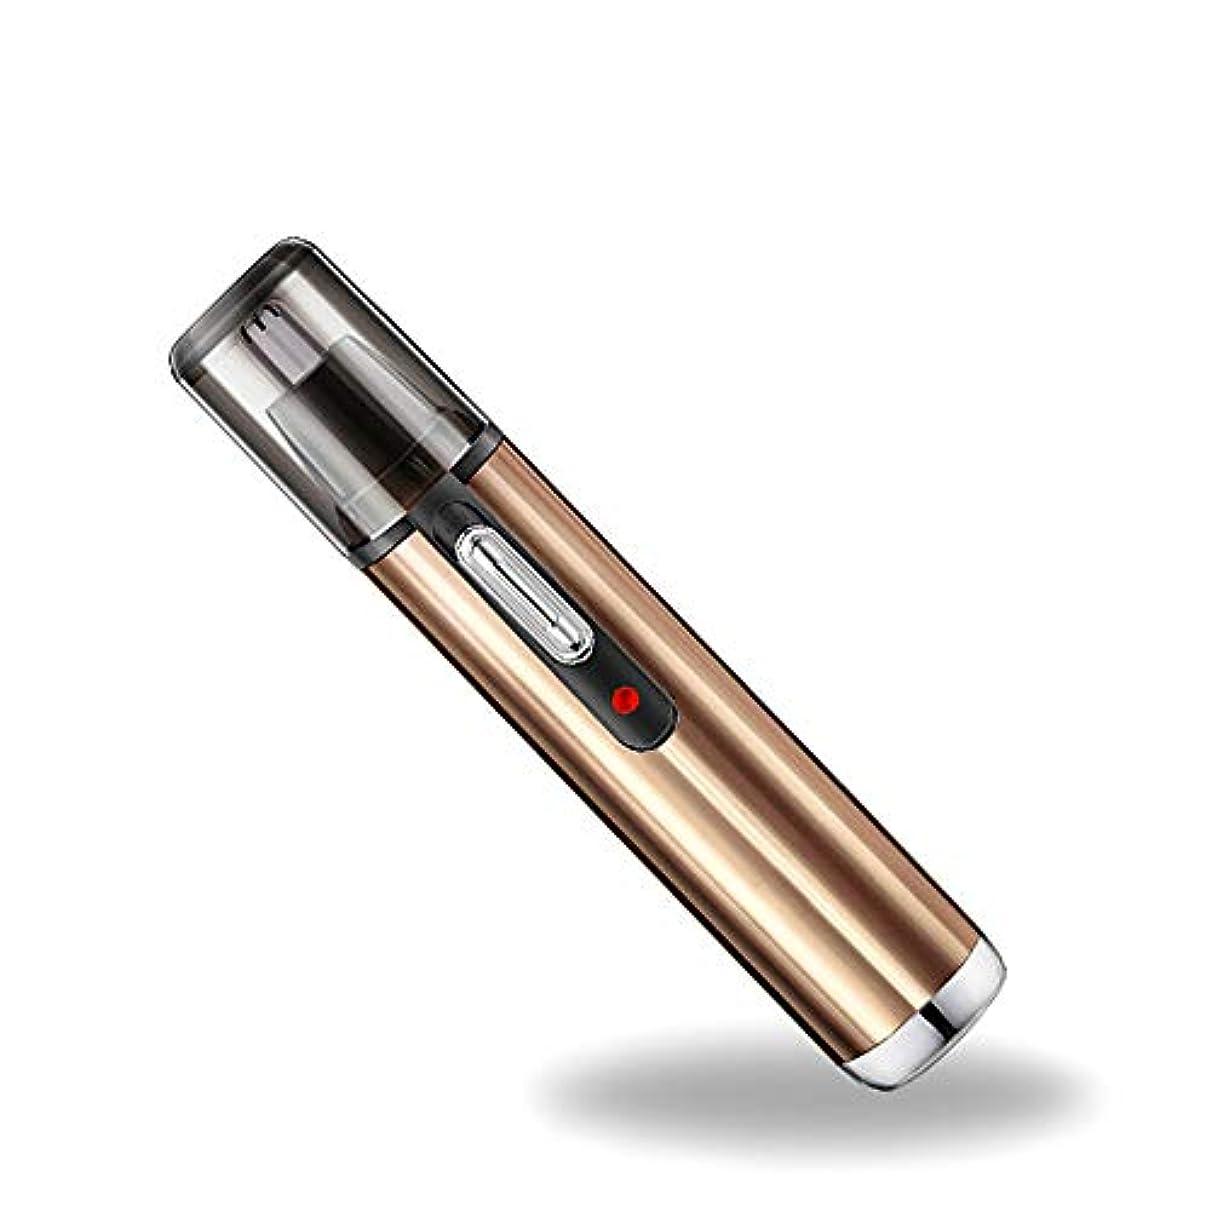 リズムジェスチャー高さ鼻毛トリマー、トリマー電動トリマー、防水、男性/女性用エコ/トラベル/ユーザーフレンドリー